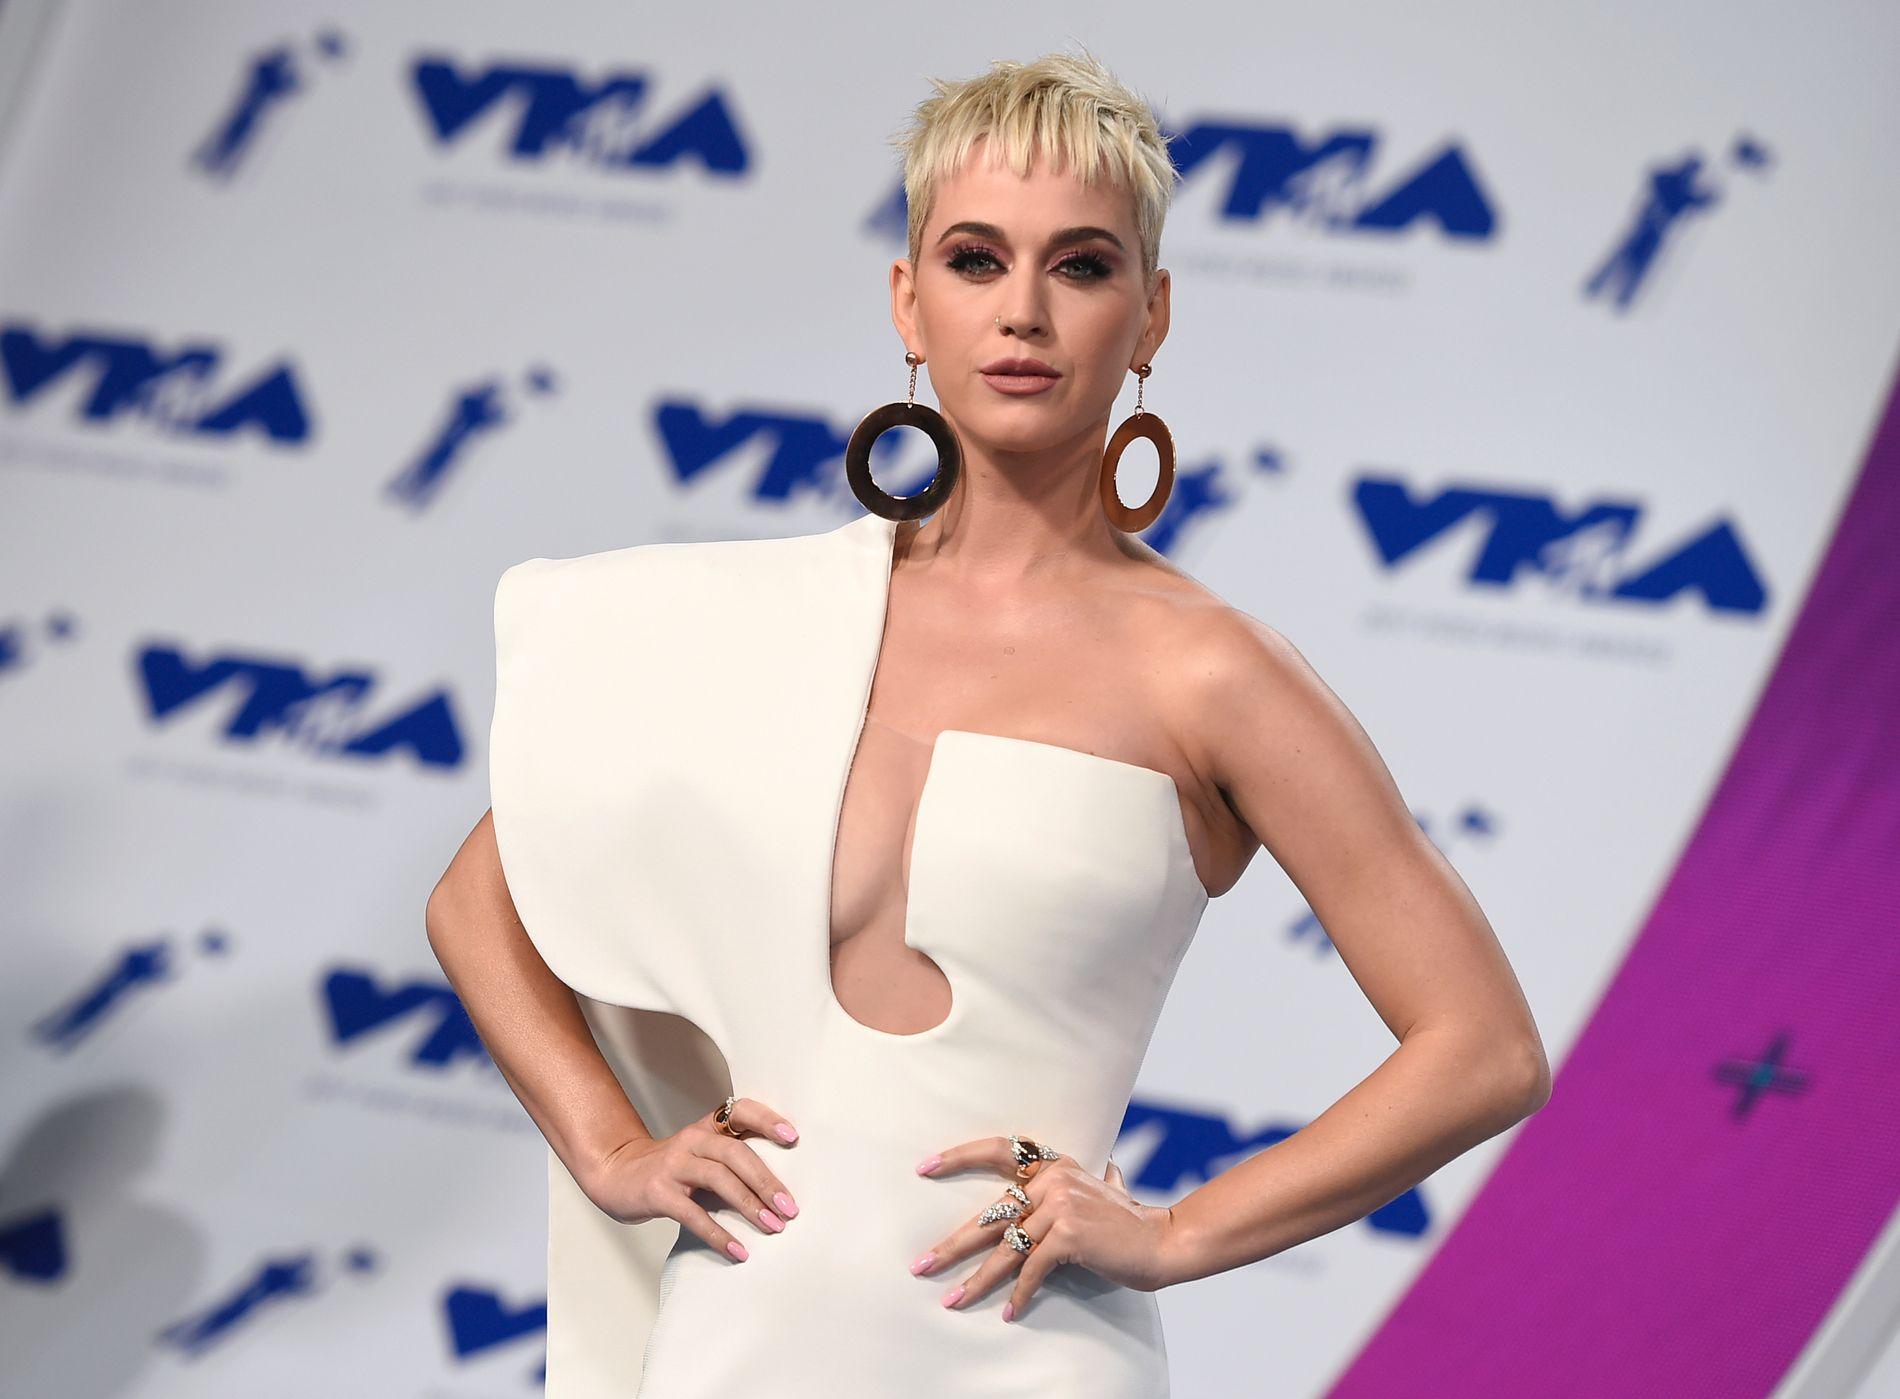 MOTSTANDER: Katy Perry ønsket å kjøpe kloster-eiendommen i Los Feliz. Her er hun på MTV Video Music Awards i august.